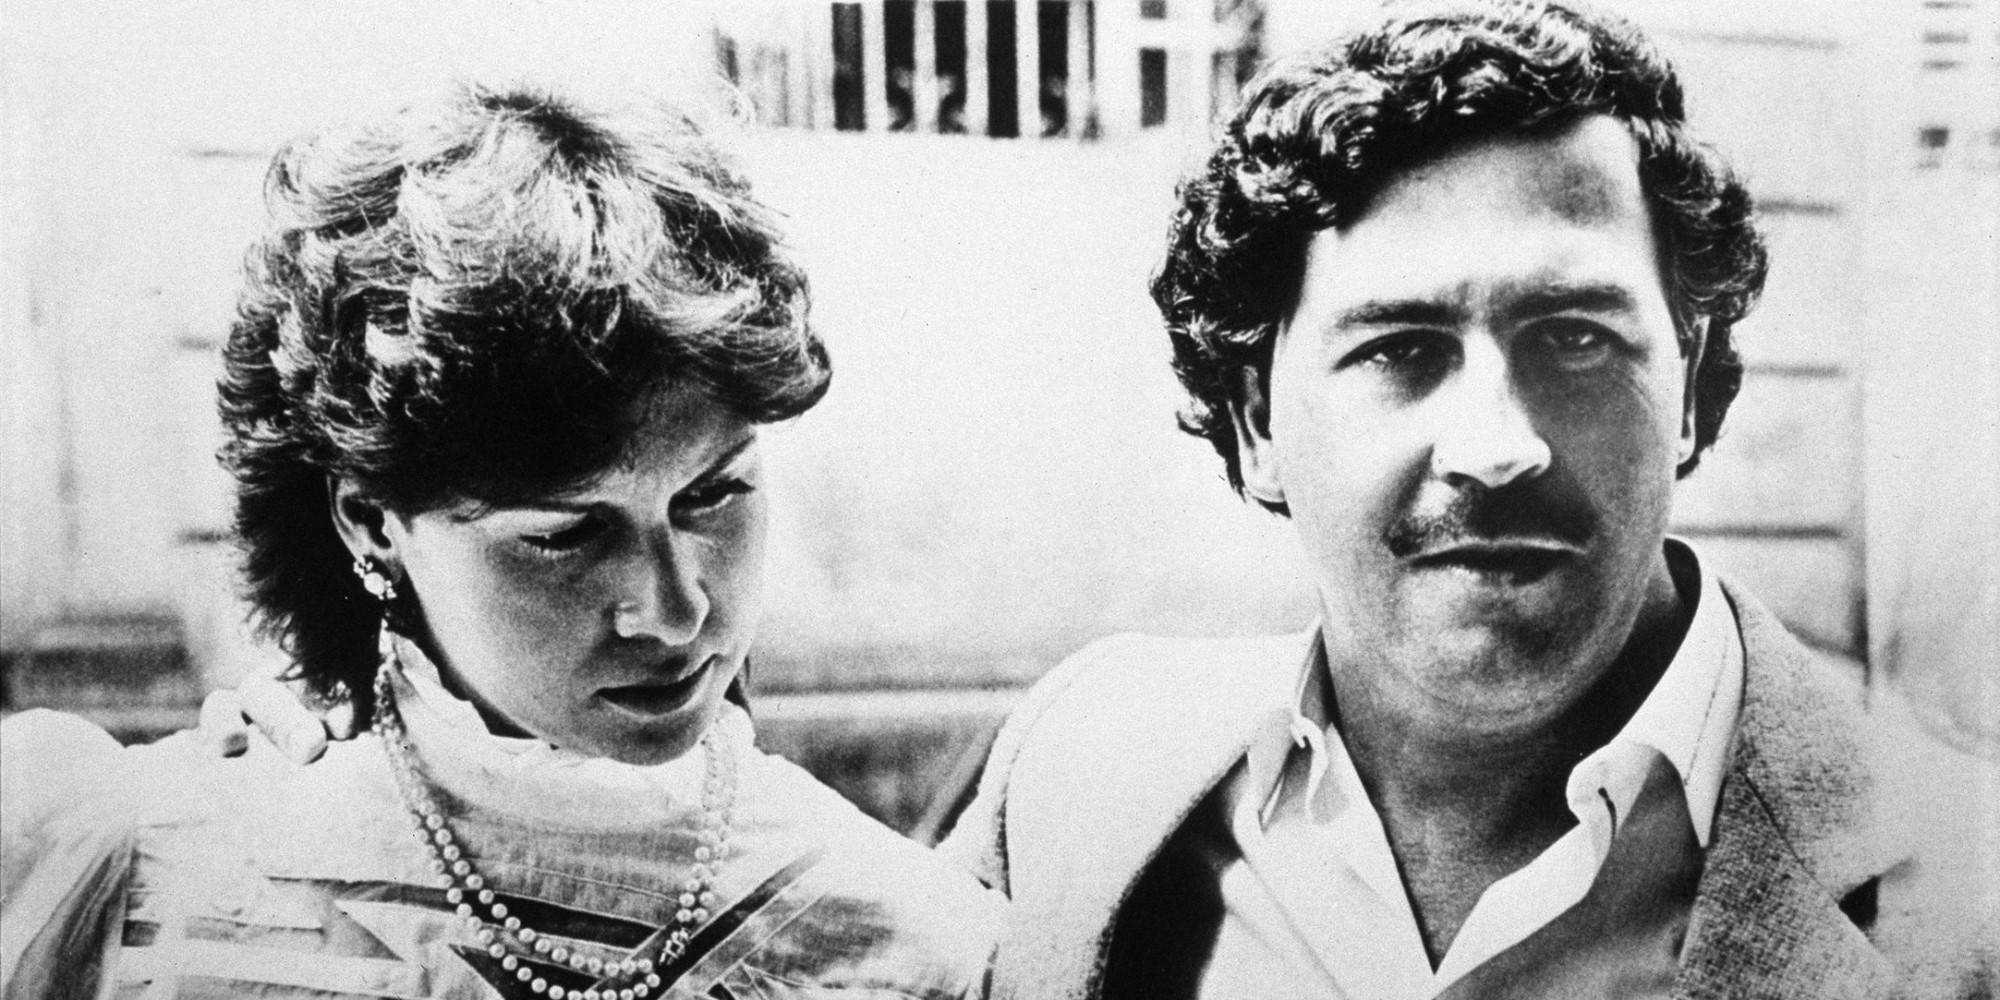 EXCLUSIF. La veuve de Pablo Escobar raconte les vingt ans passés à ses côtés